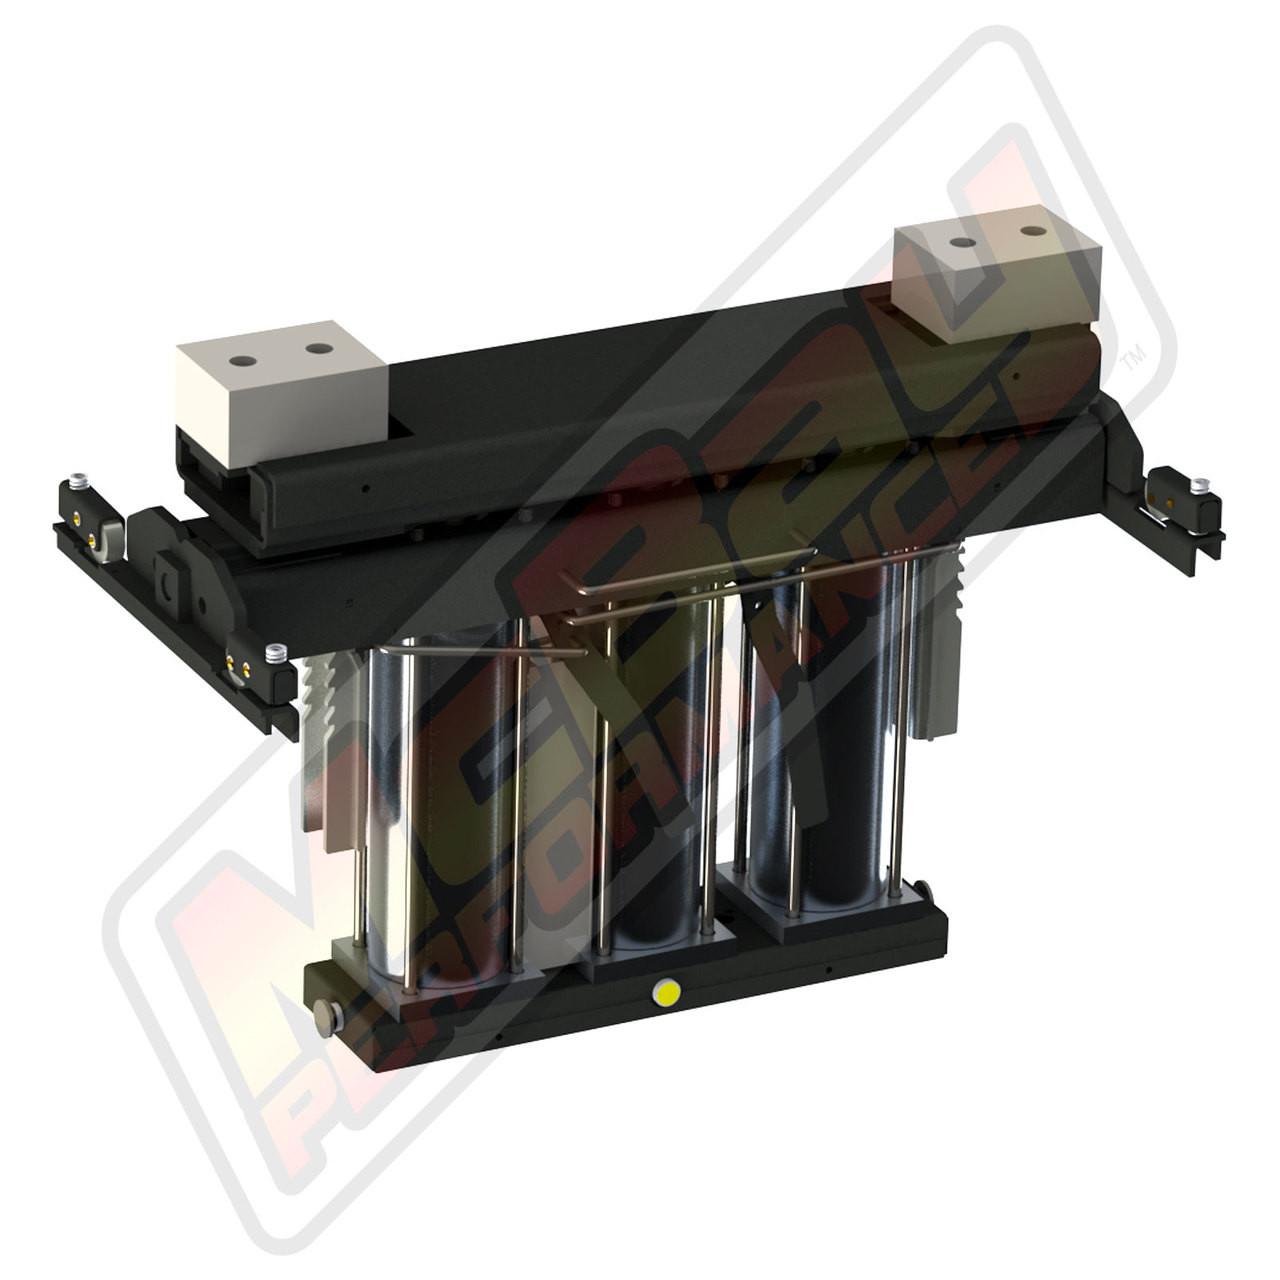 RJ-6000, RJ-7000, RJ-8000 - 6000 lb, 7000 lb, or 8000 lb Pneumatic Pivoting Rolling Bridge Jack for Post or Scissor Lifts Alternate View